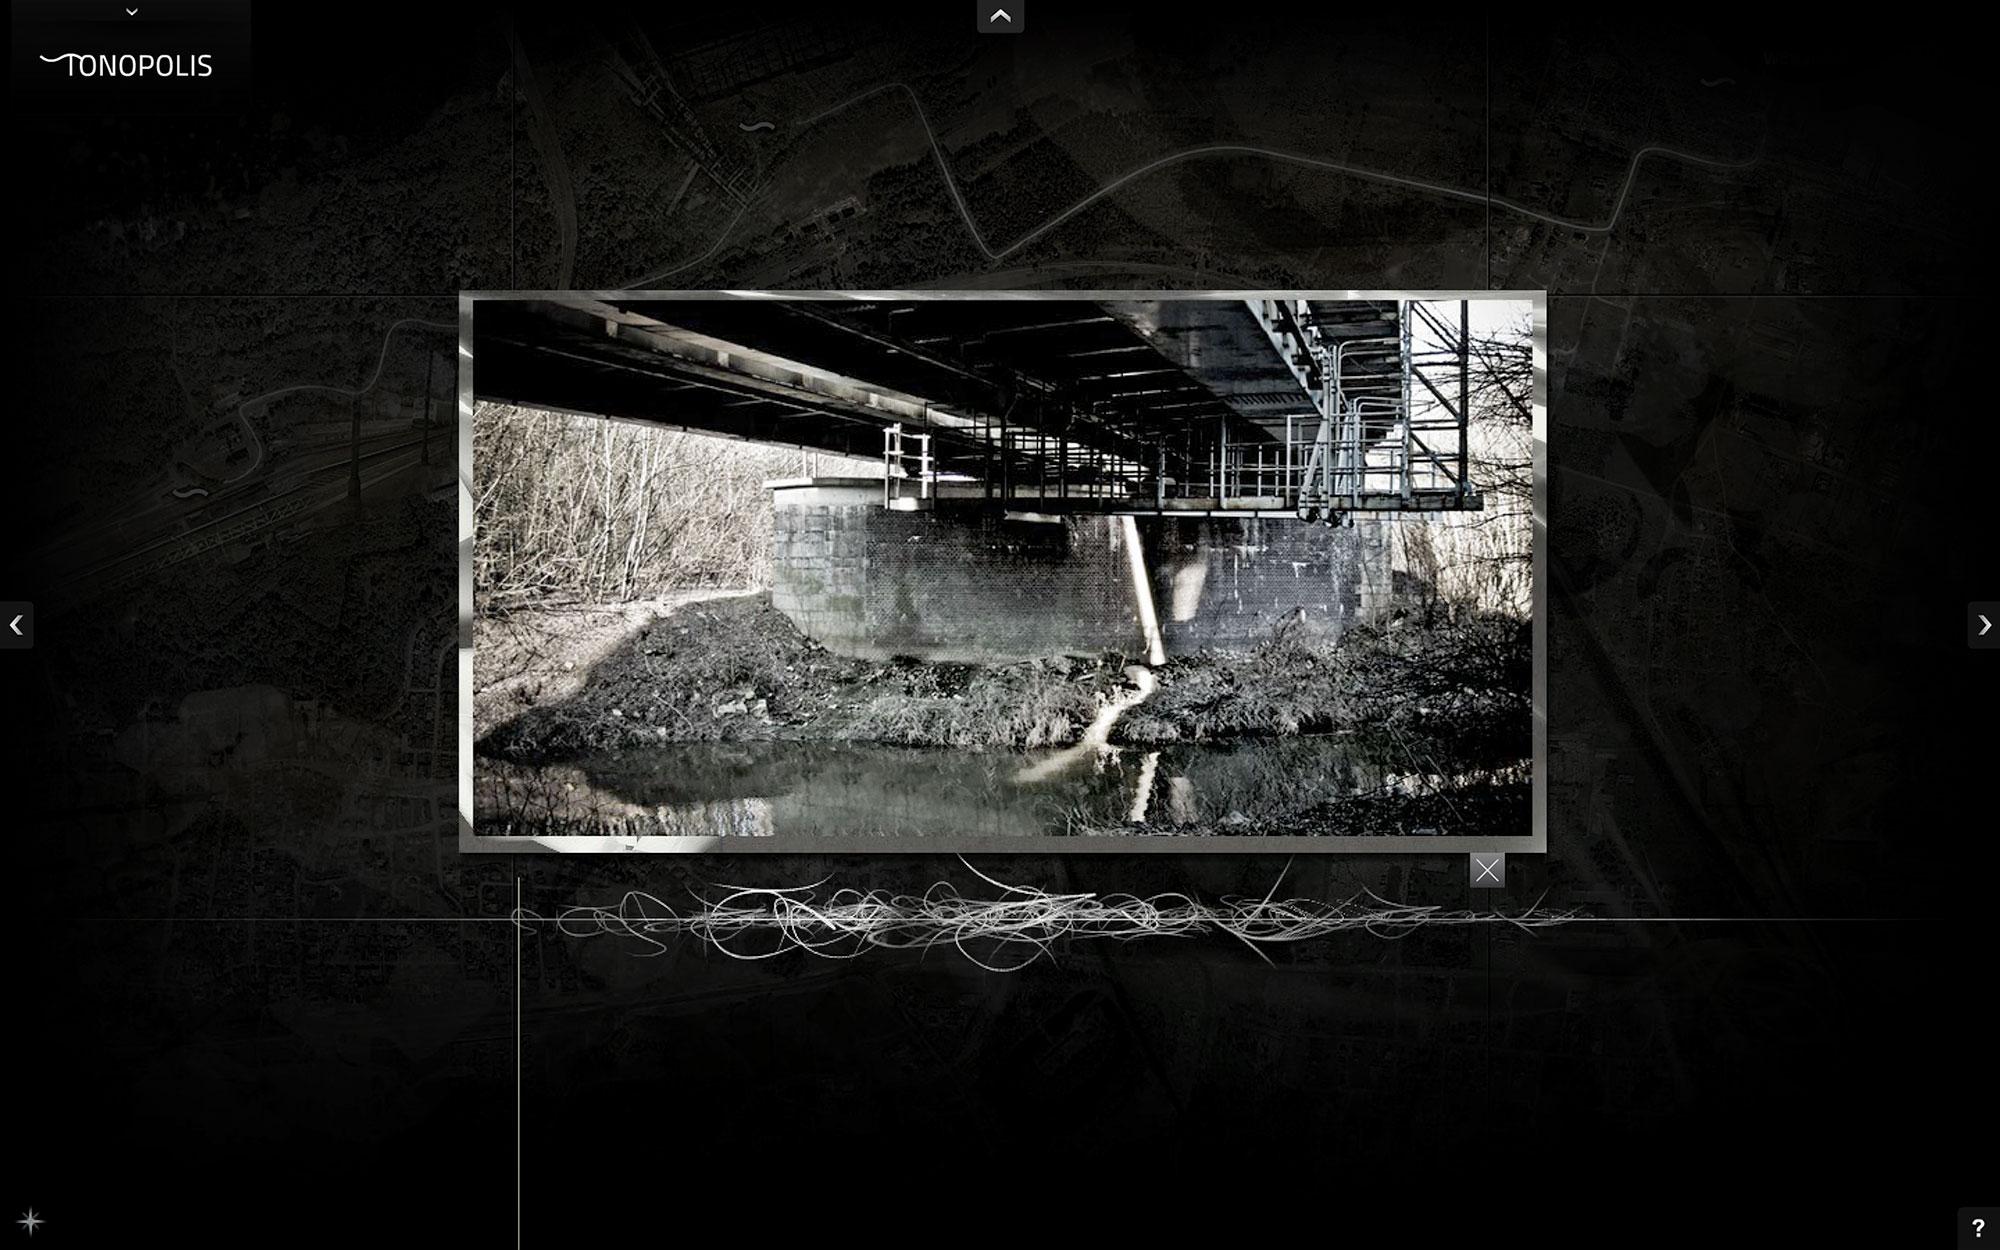 Jacek Doroszenko - Tonopolis, interactive installation, screen 4